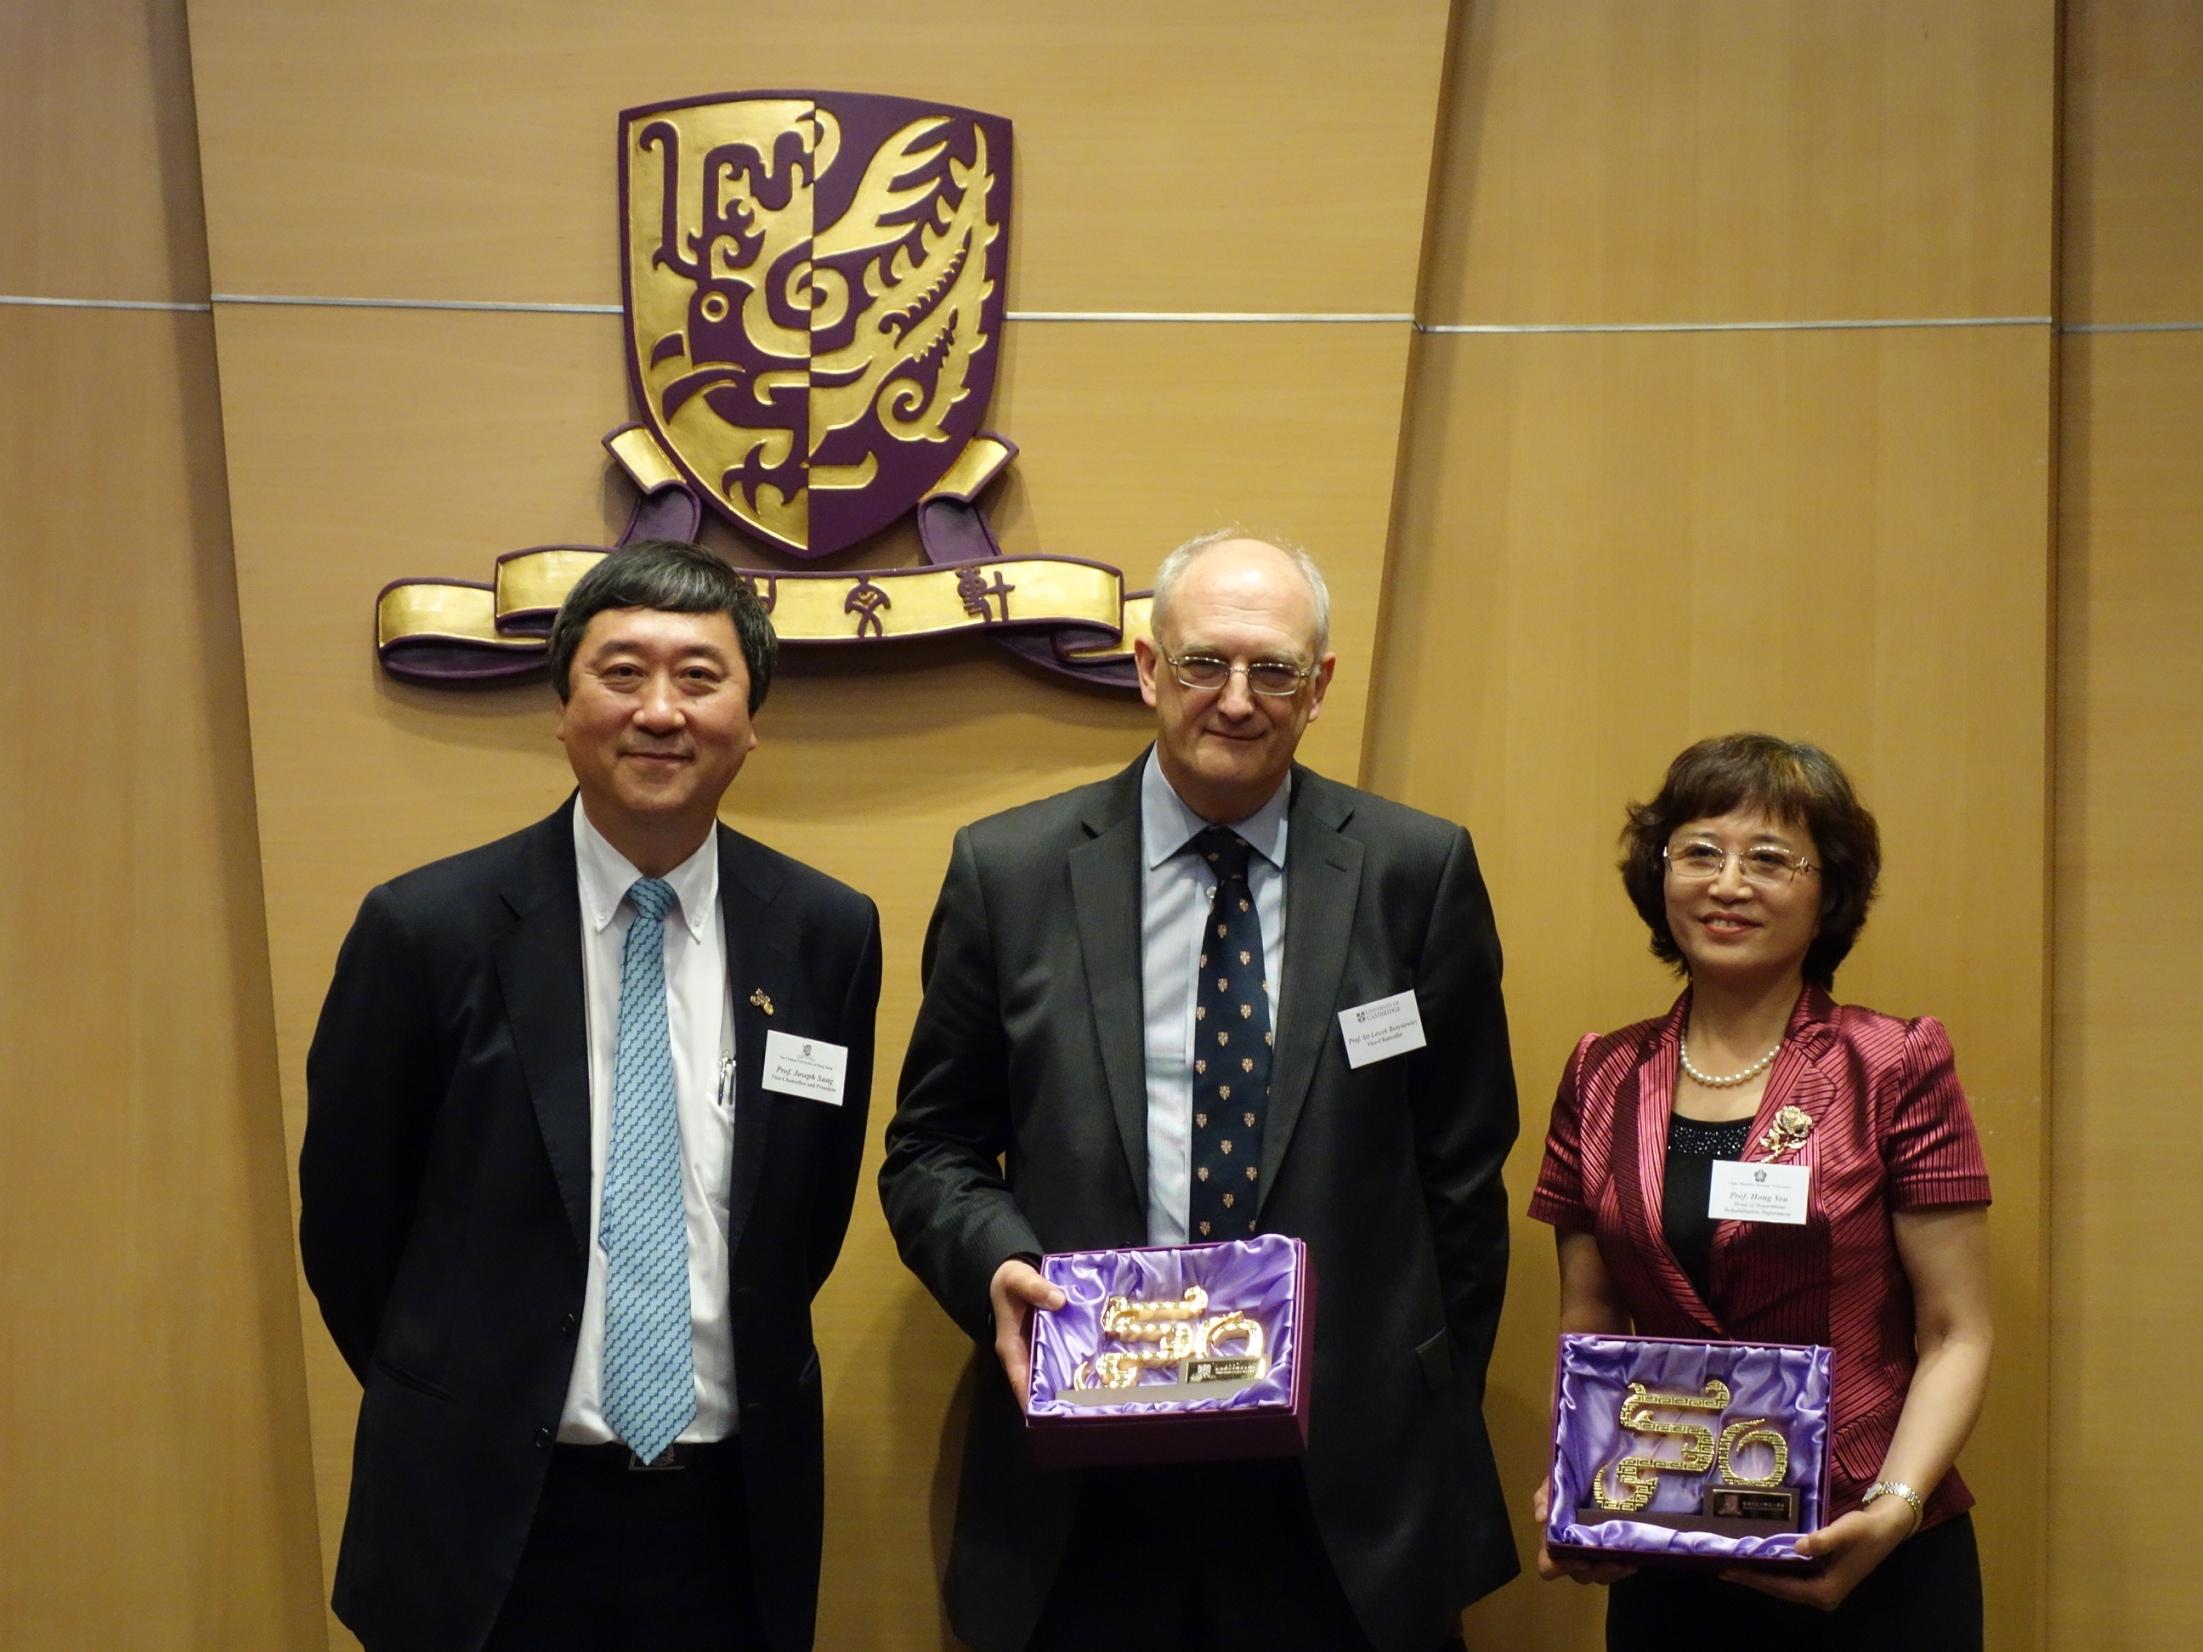 中大校長沈祖堯教授頒贈紀念品予劍橋大學校長樂詩克.伯瑞謝維茲爵士(中)及中國殘疾人聯合會康復部主任尤紅教授(右)。